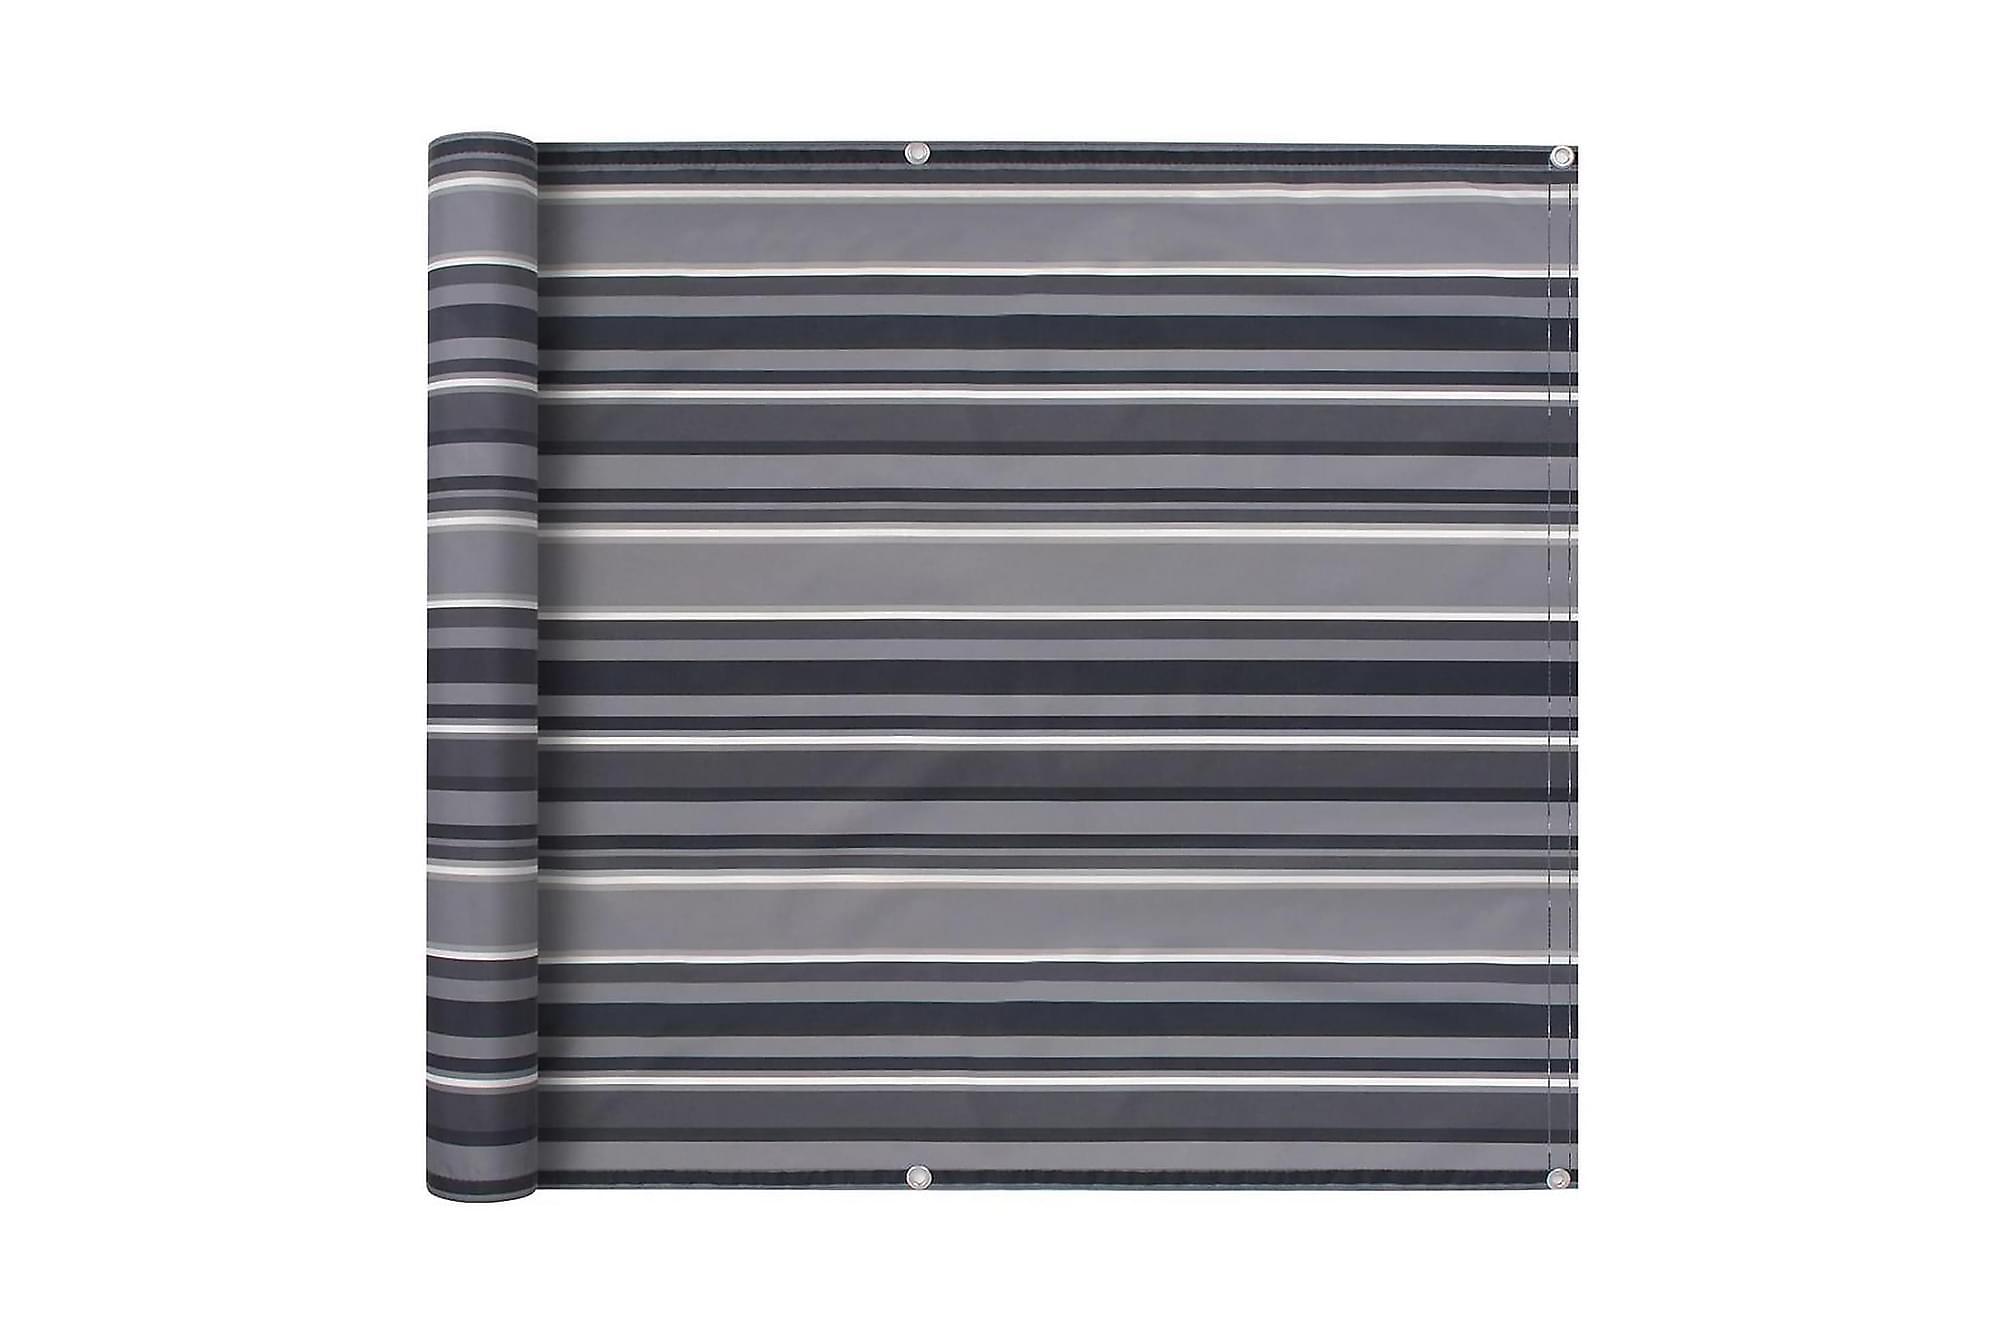 Balkongskärm oxfordtyg 75x600 cm randig grå, Solskydd